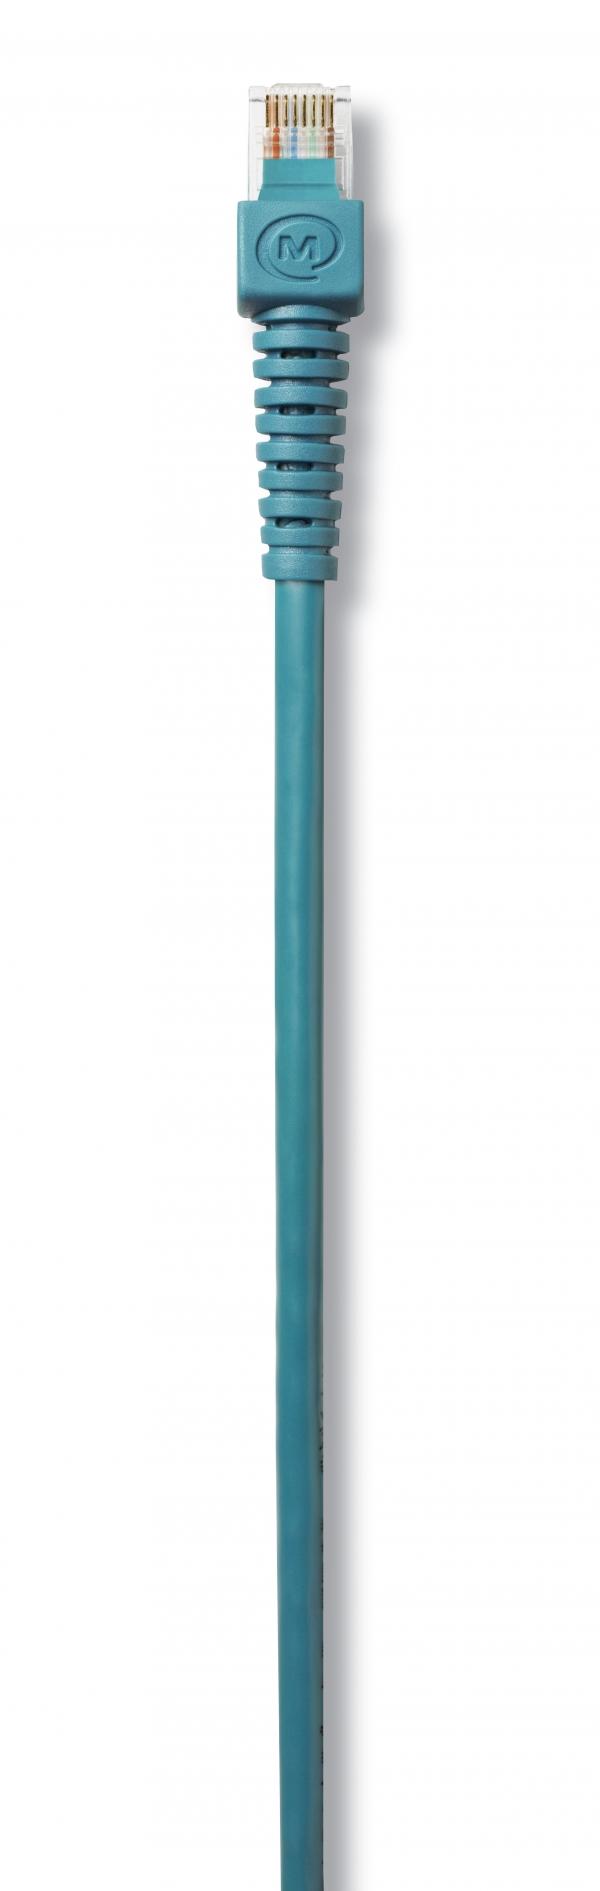 MasterBus kabel 0,2 meter